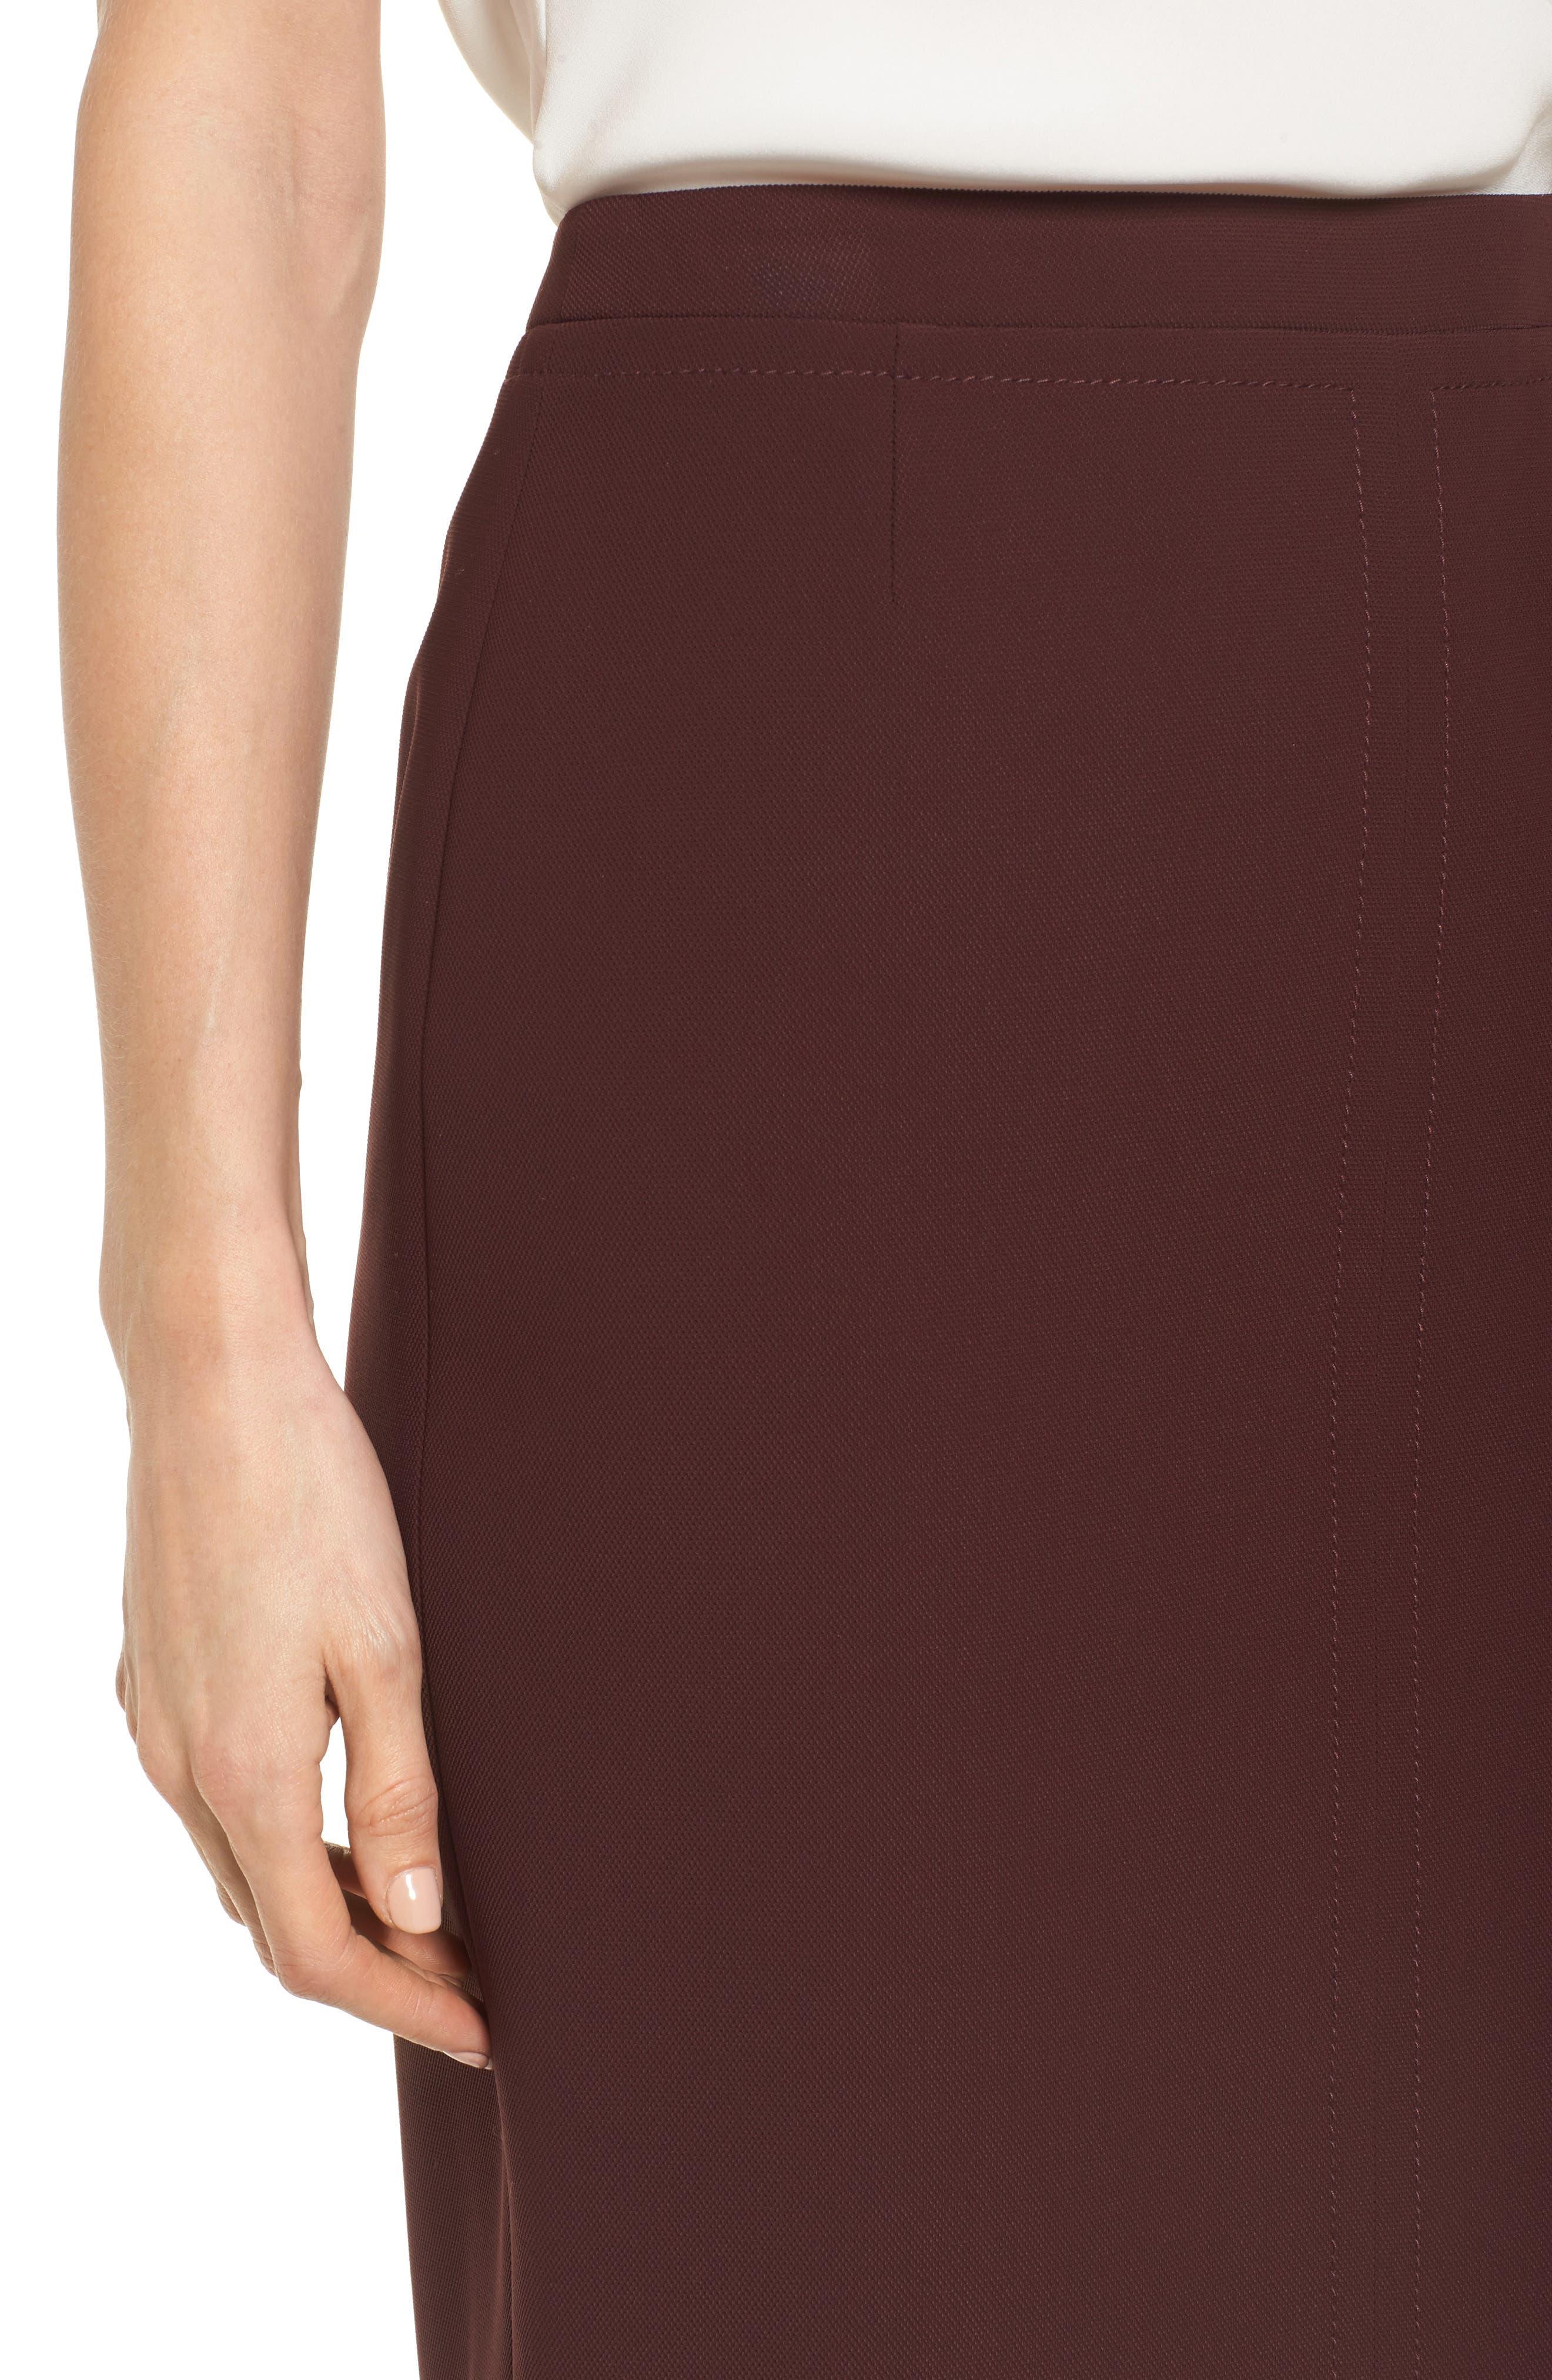 Vuriona Suit Skirt,                             Alternate thumbnail 4, color,                             602